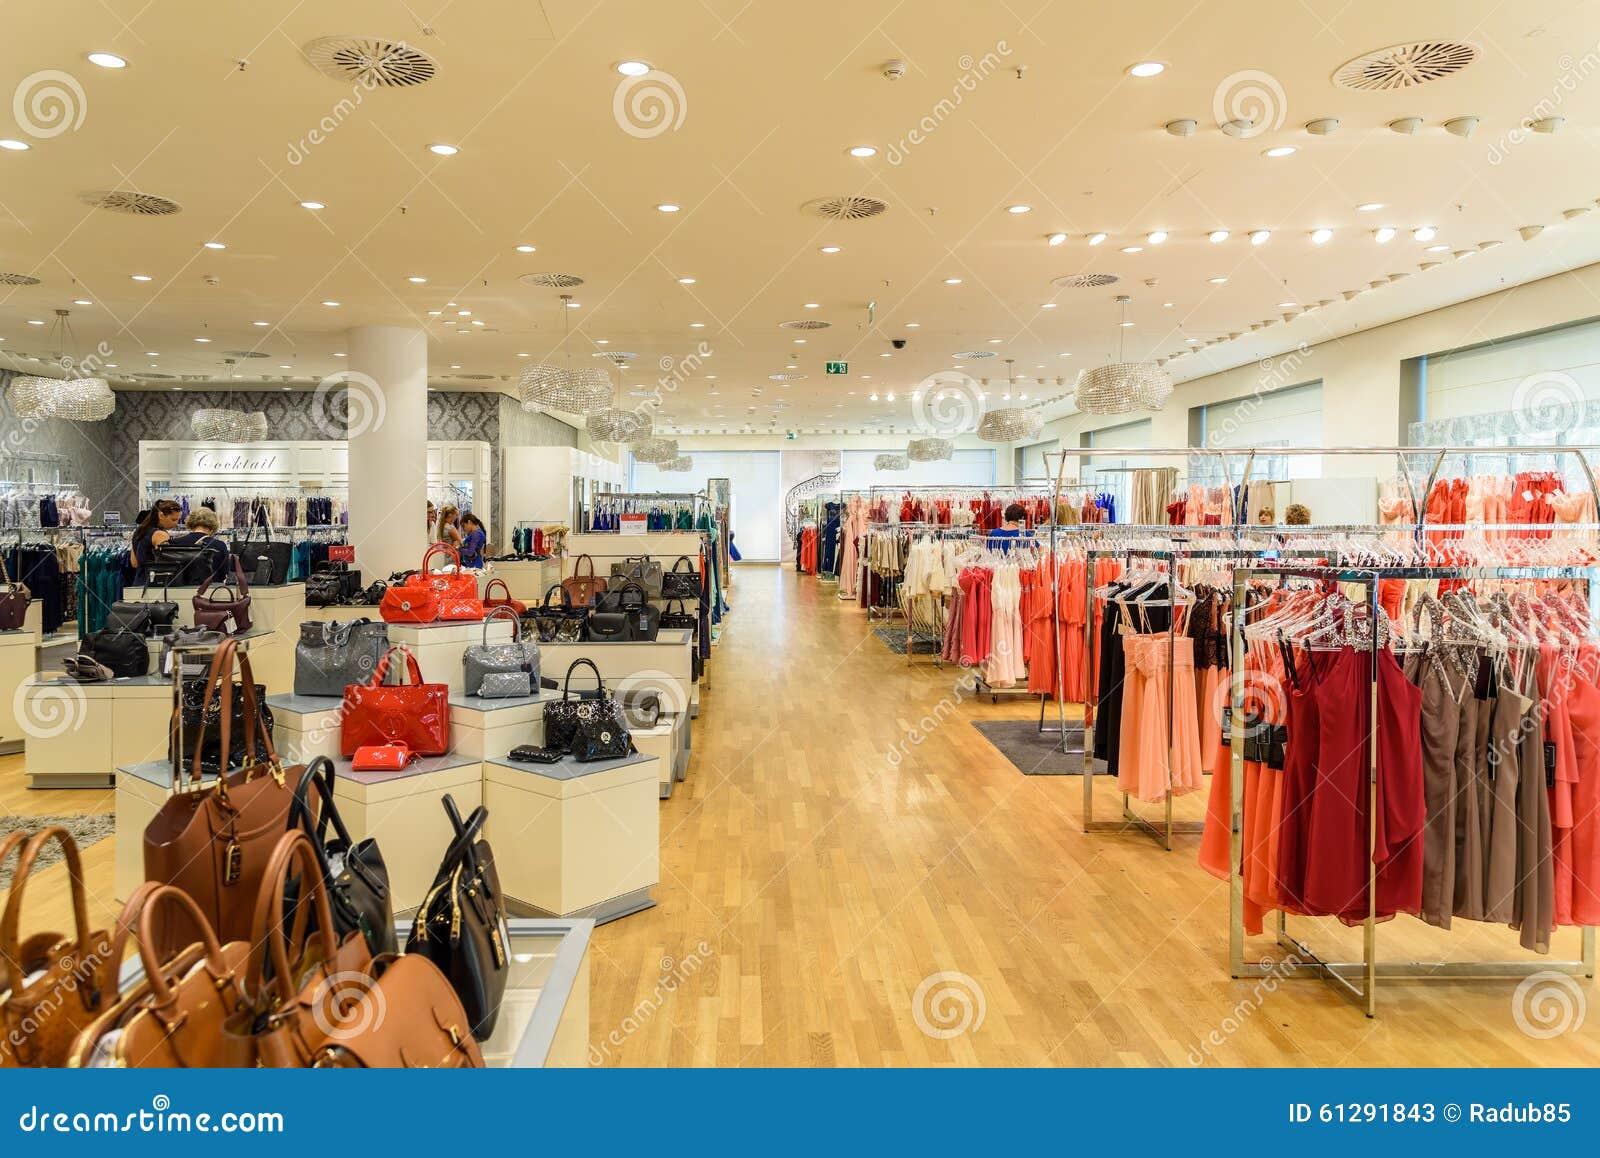 breite auswahl von frauen-kleidung im einkaufszentrum